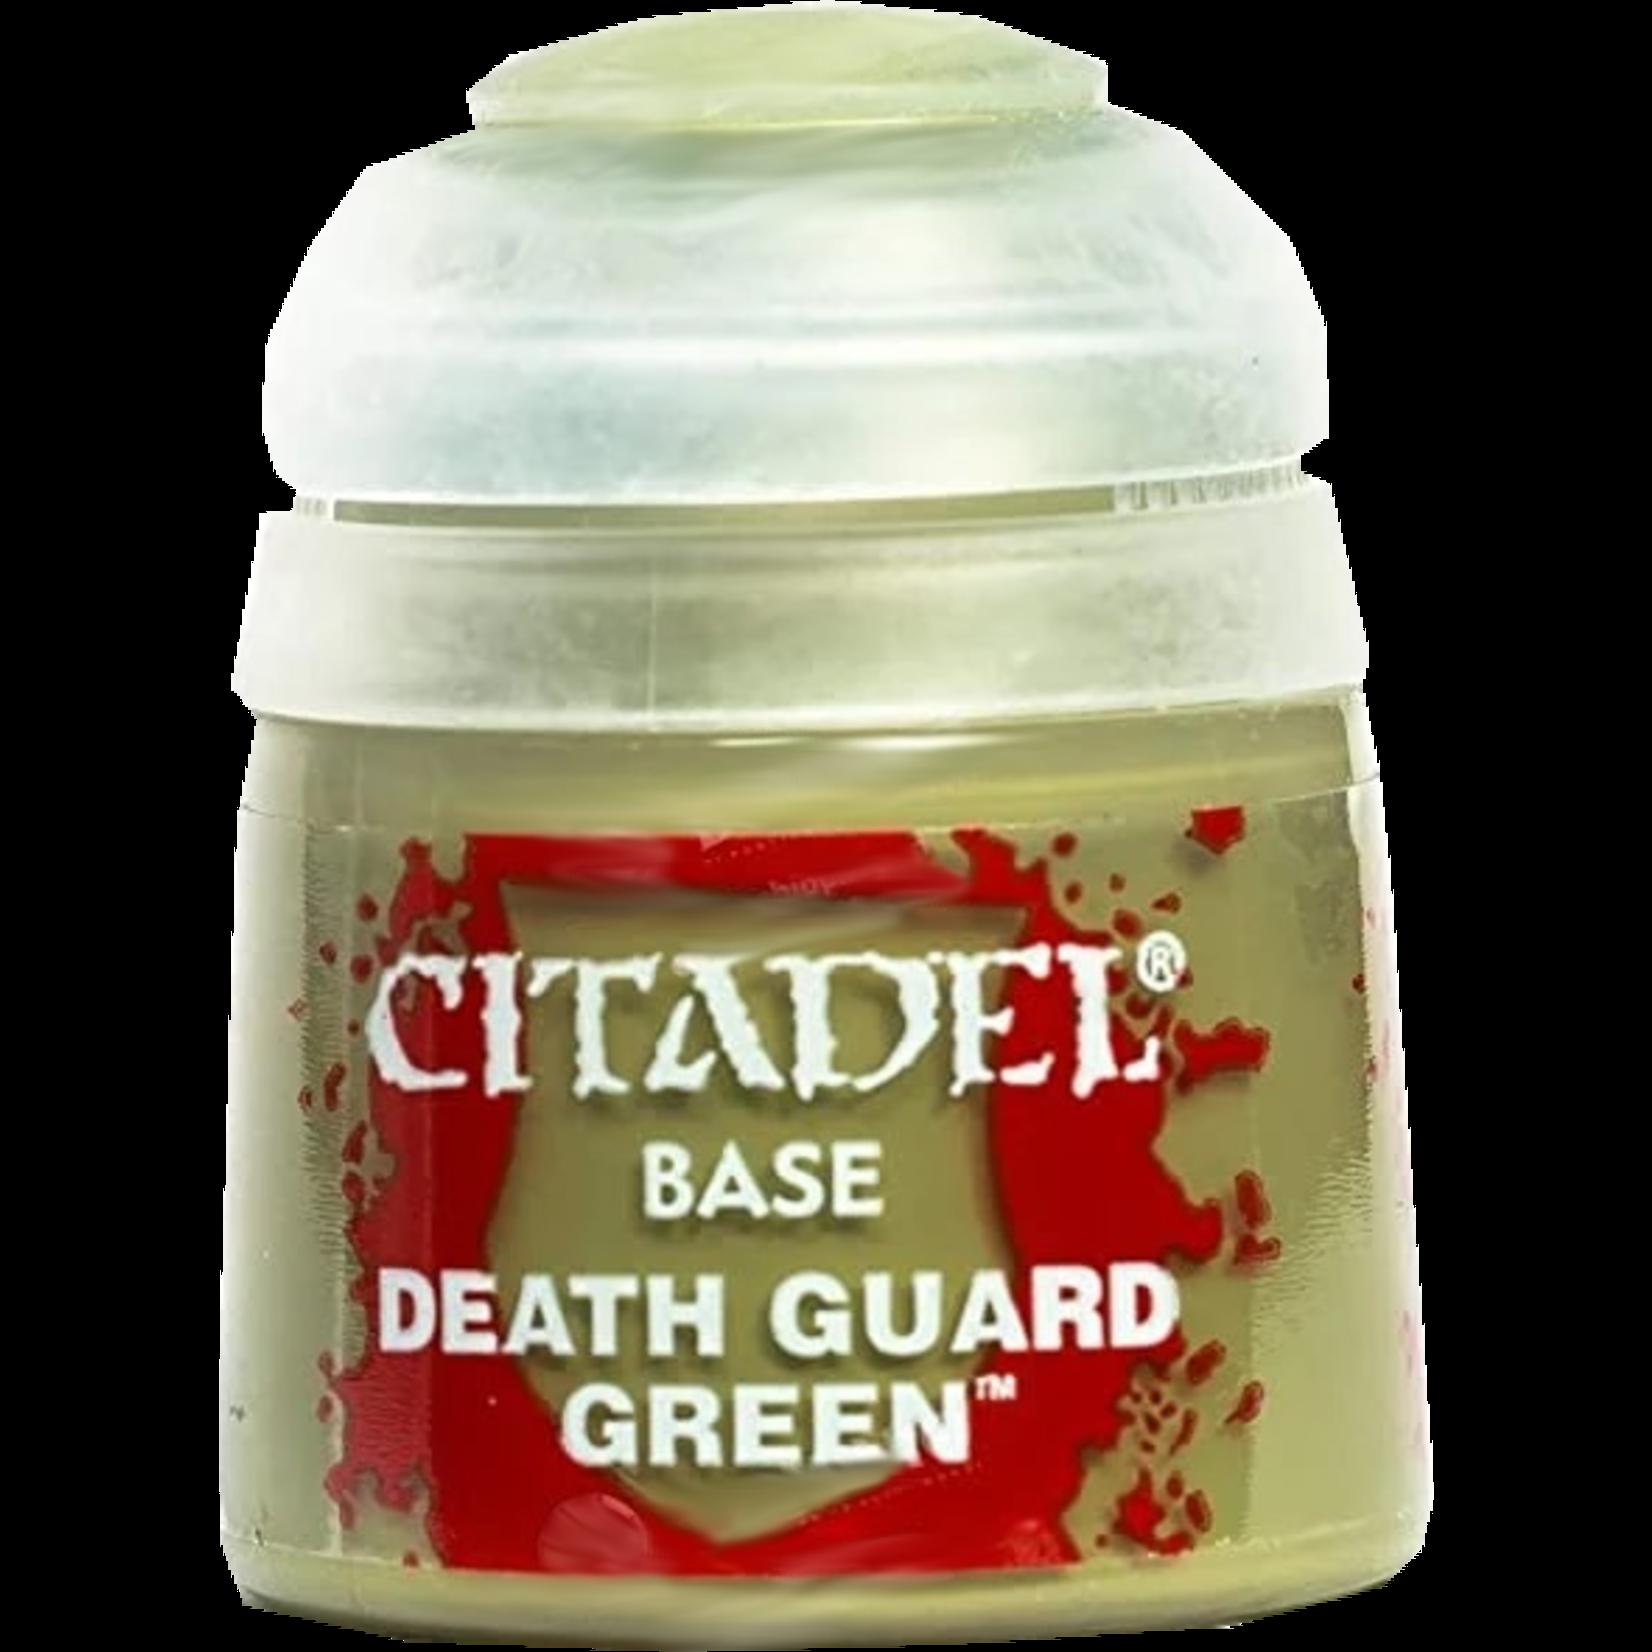 Games Workshop Base Death Guard Green